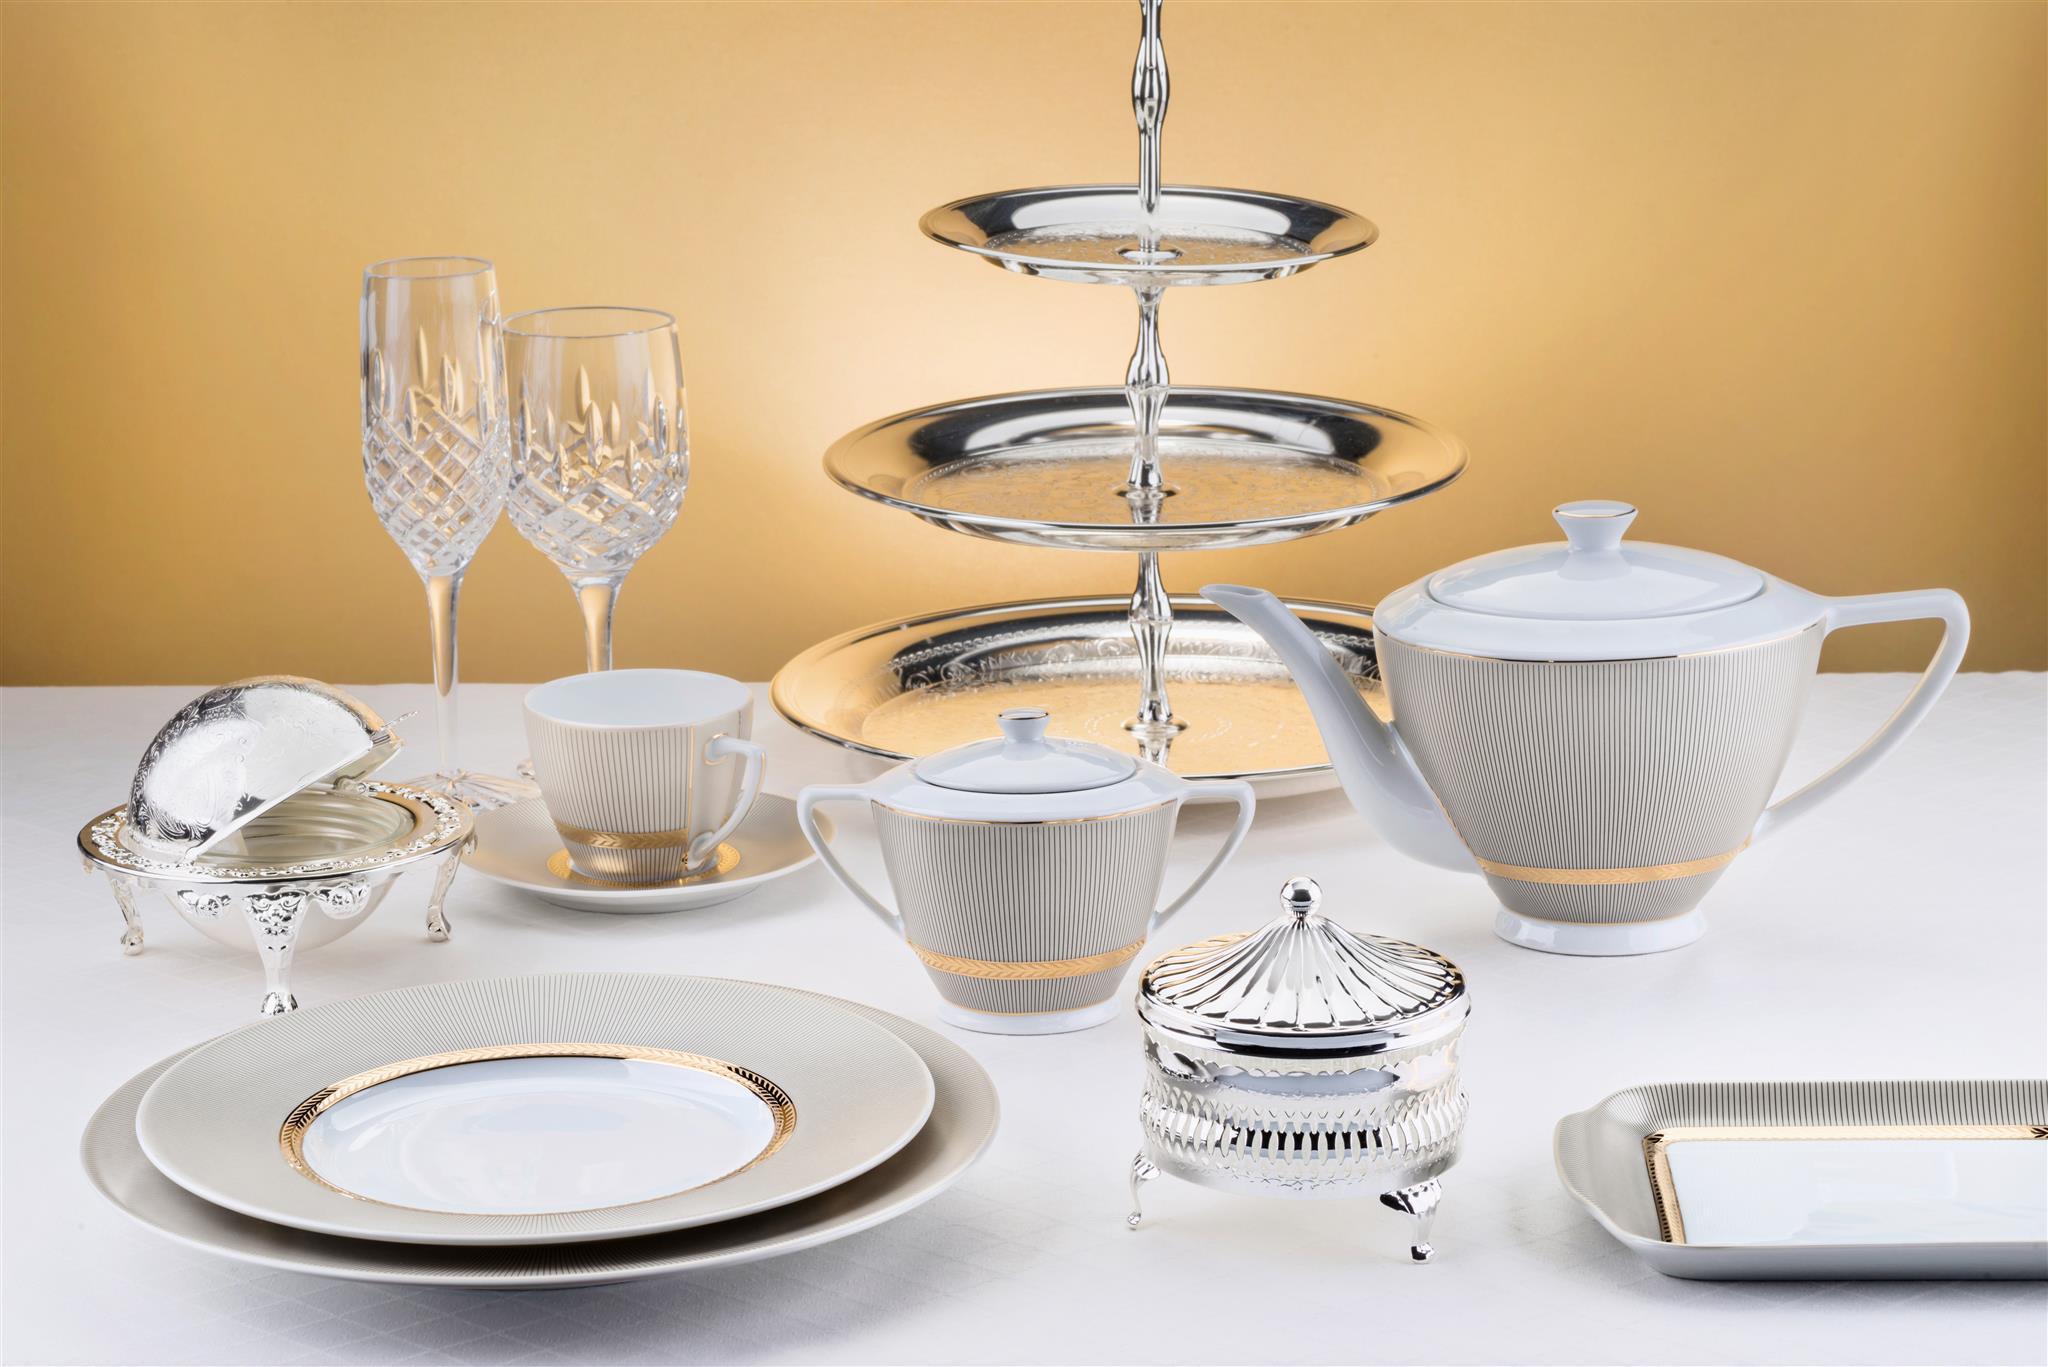 Фарфоровая посуда - купить английский костяной фарфор в Киеве |  интернет-магазине Royal Buckingham